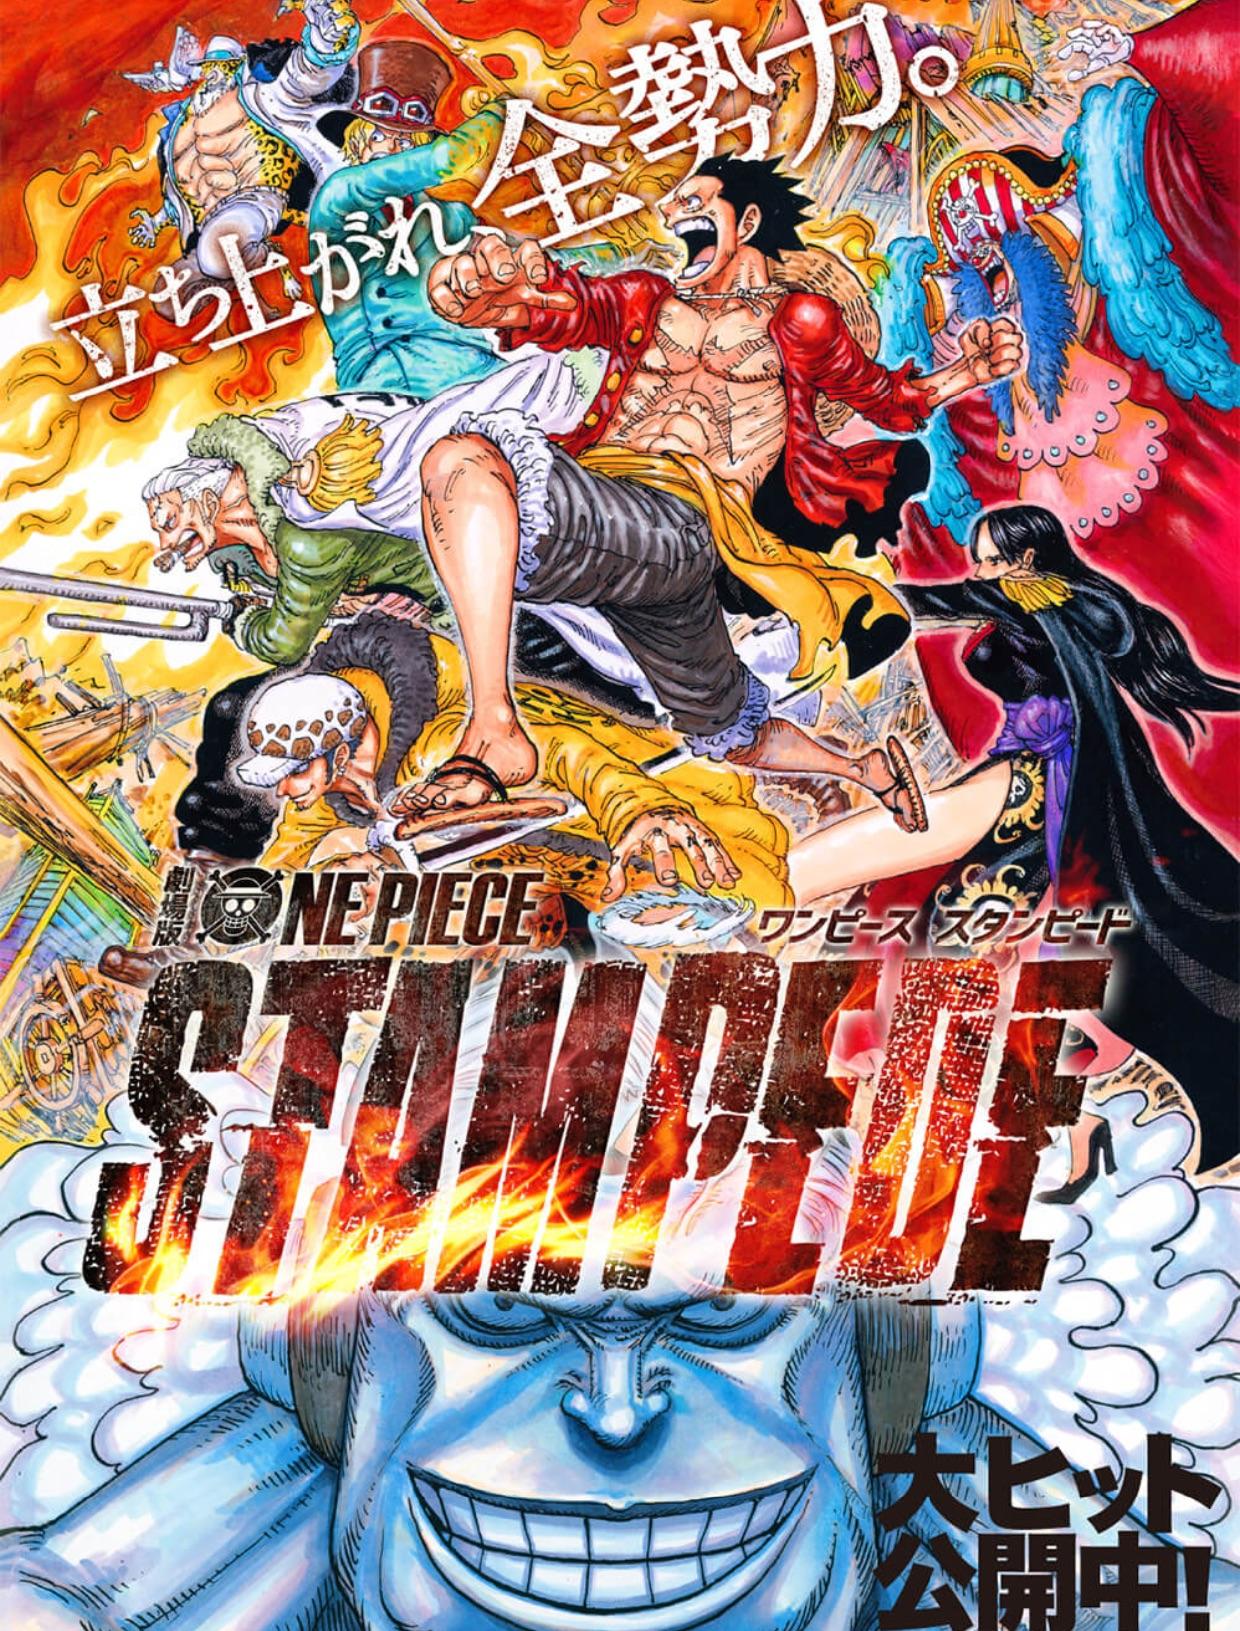 劇場版ONE PIECE STAMPEDEは最高の祭りだった!